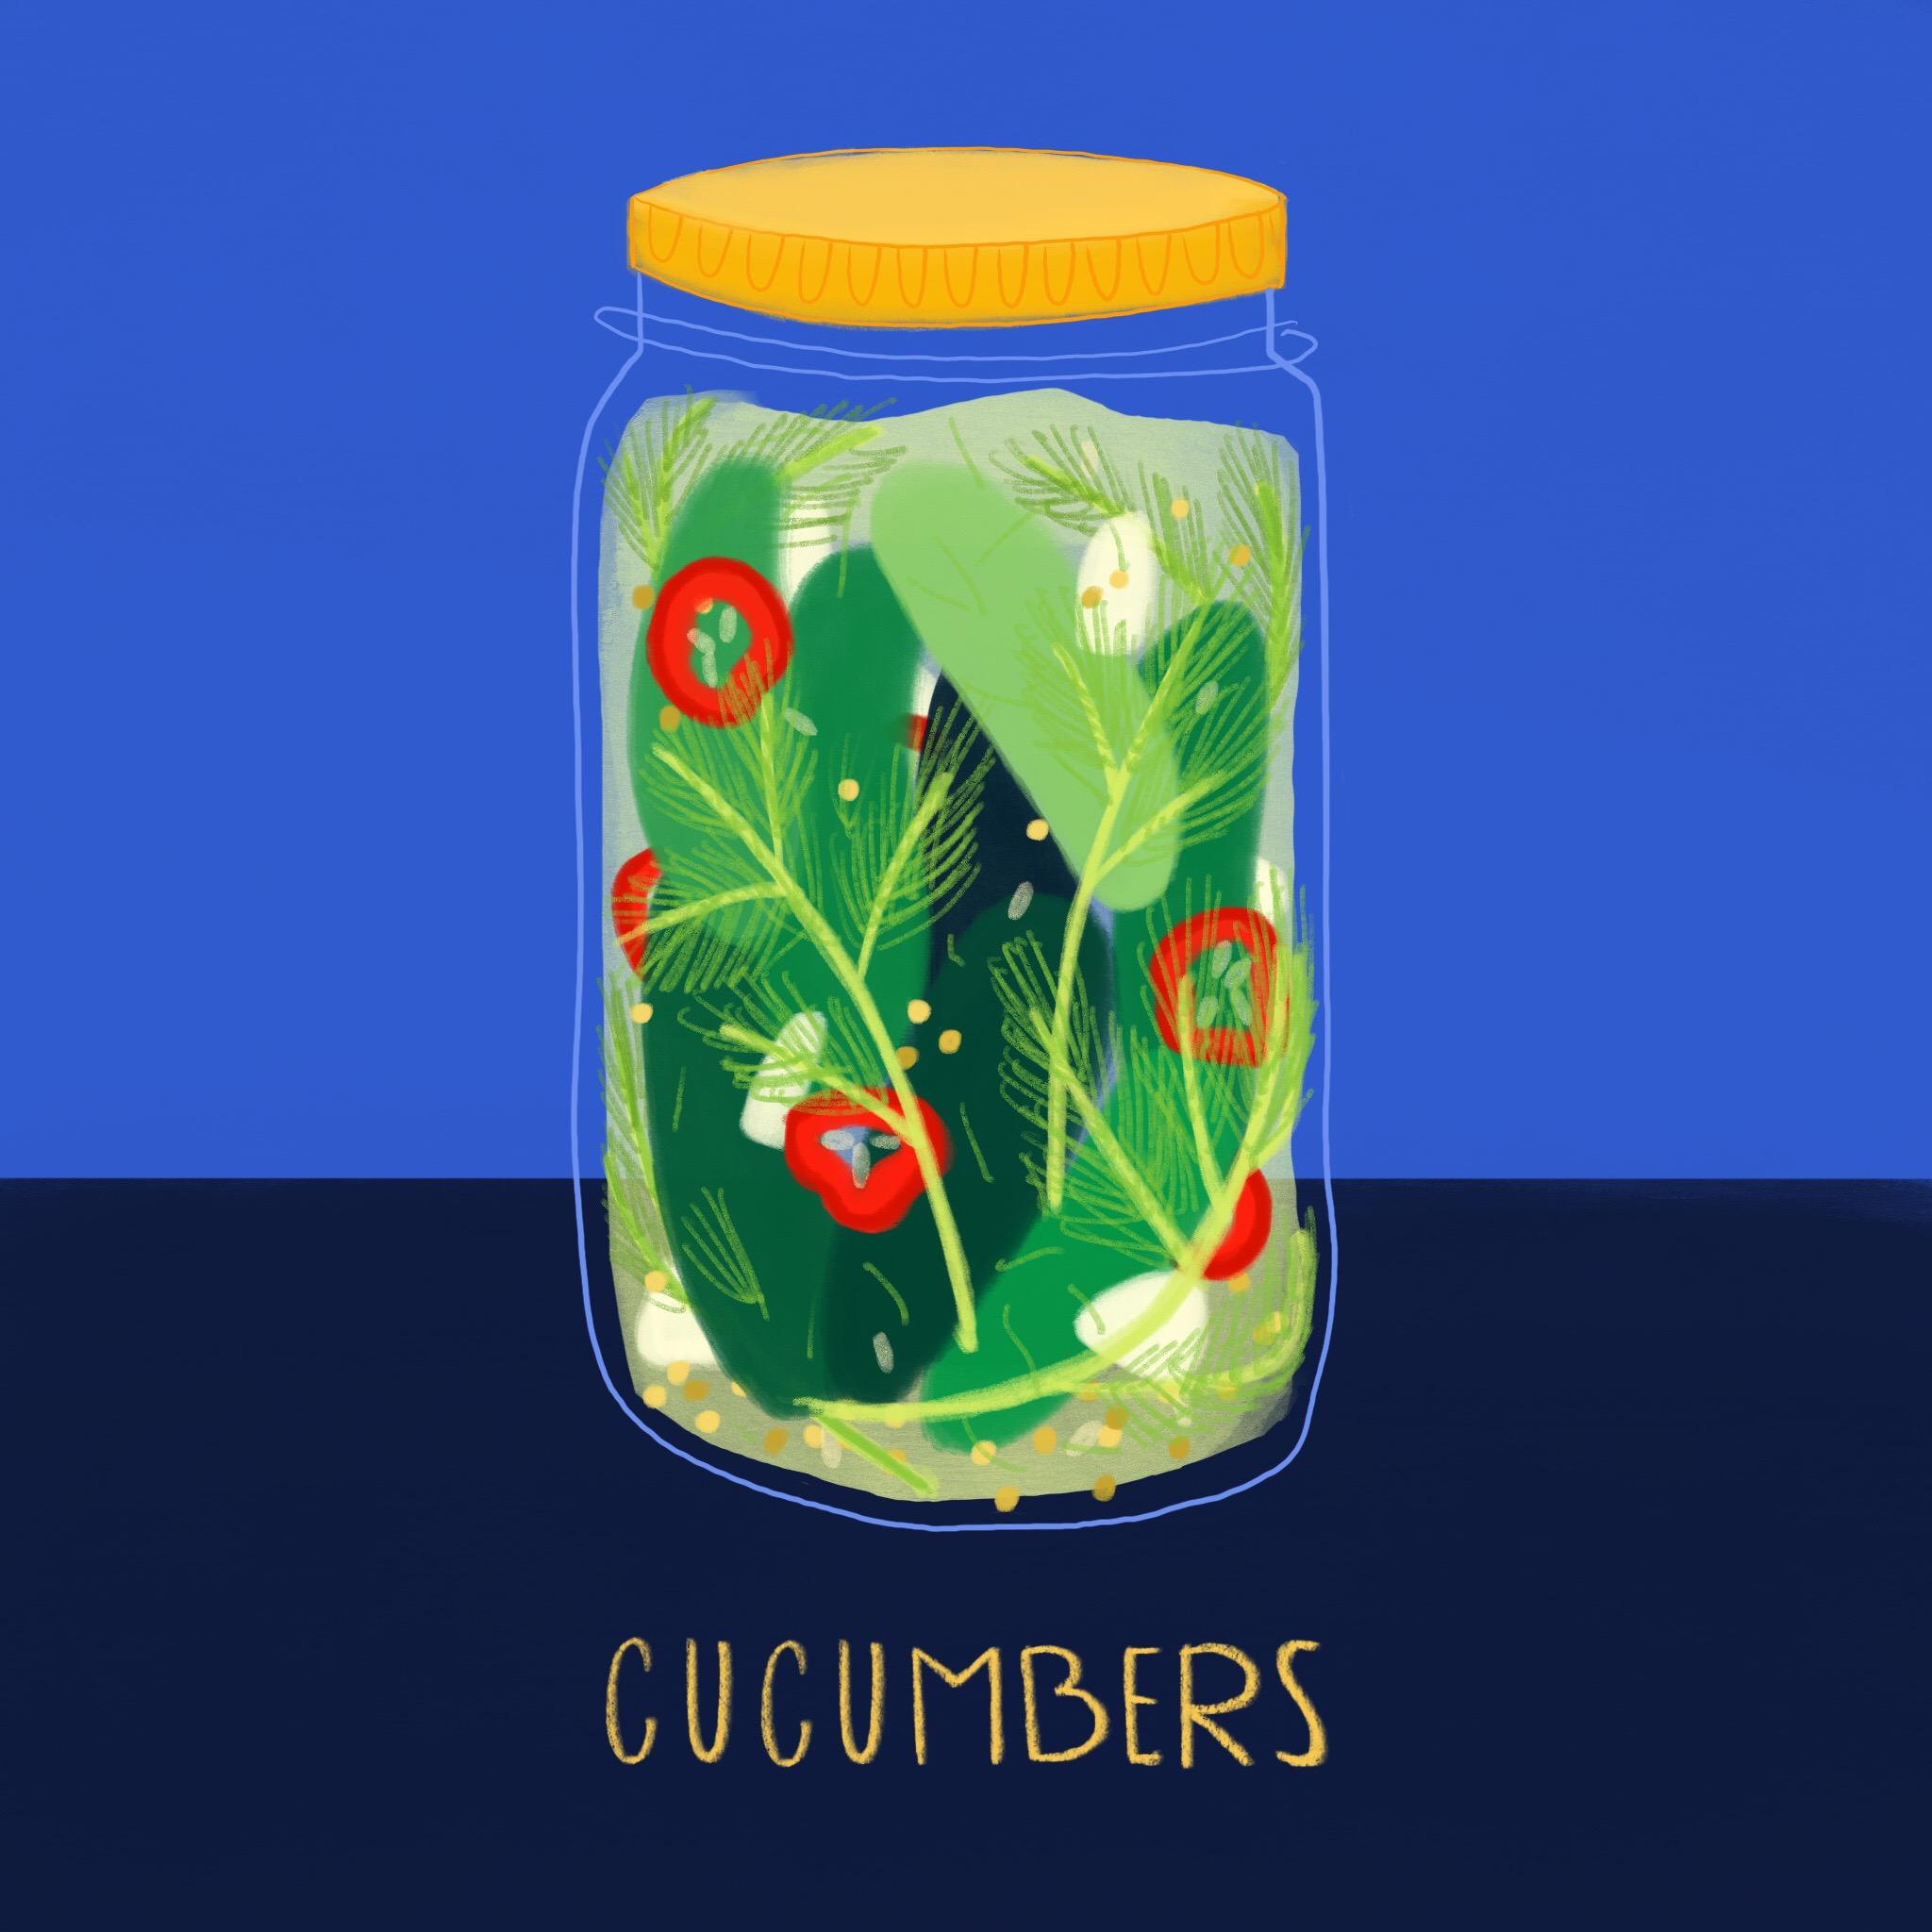 8_-_Cucumbers.jpg